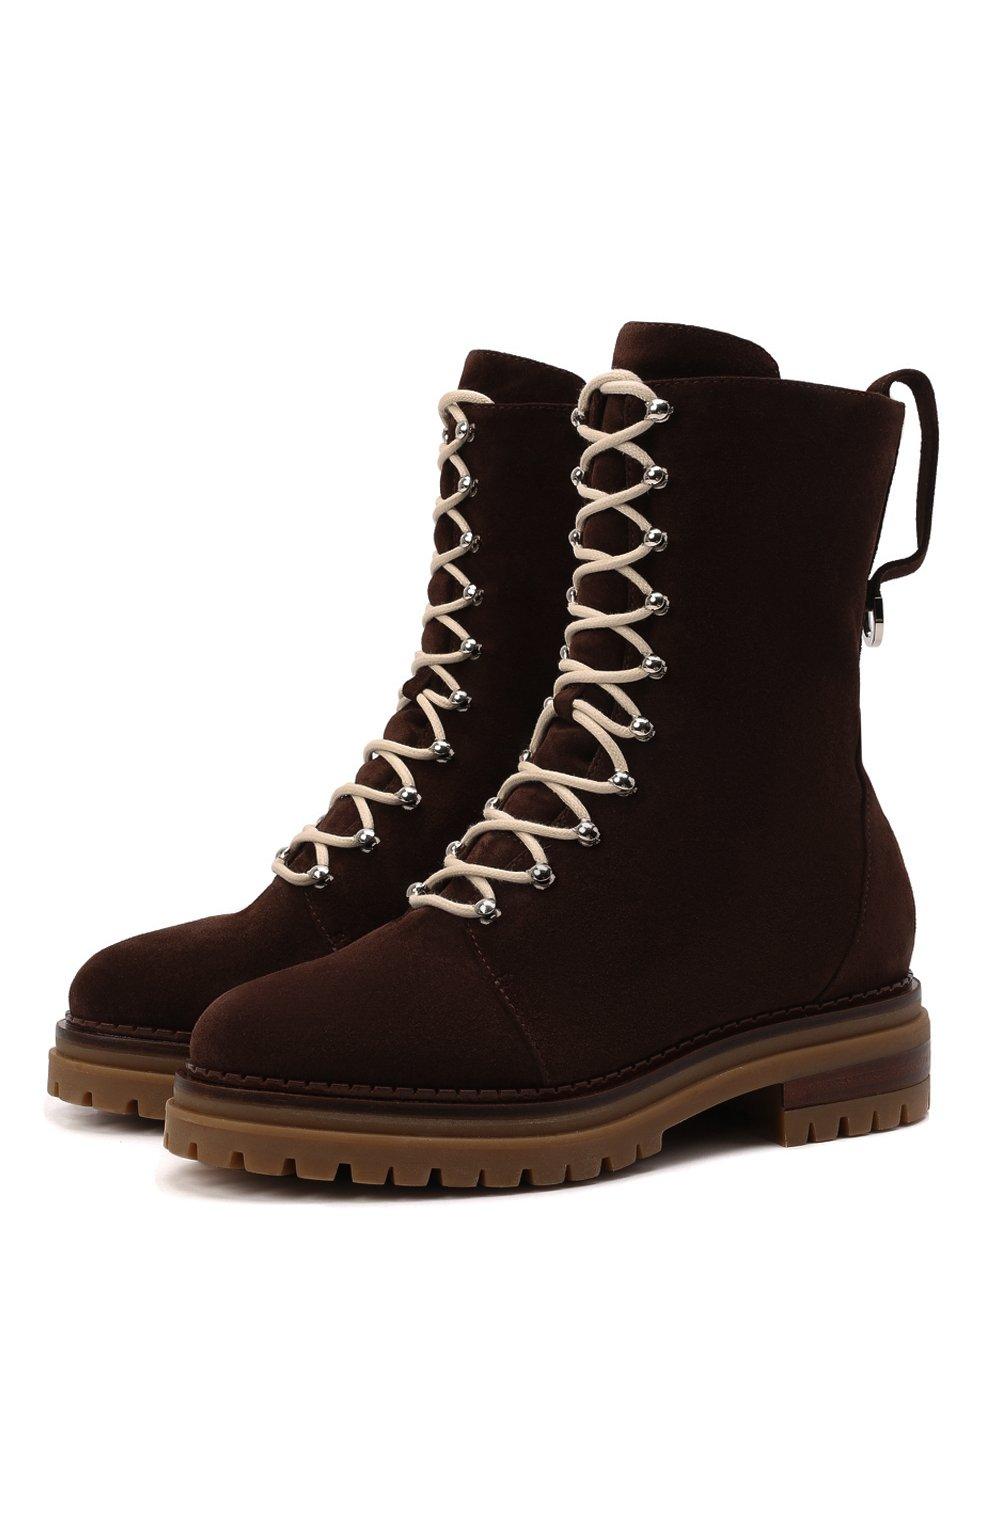 Женские замшевые ботинки sr joan SERGIO ROSSI темно-коричневого цвета, арт. A92040-MCRM13 | Фото 1 (Подошва: Платформа; Материал утеплителя: Натуральный мех; Каблук высота: Низкий; Материал внешний: Замша; Женское Кросс-КТ: Зимние ботинки)